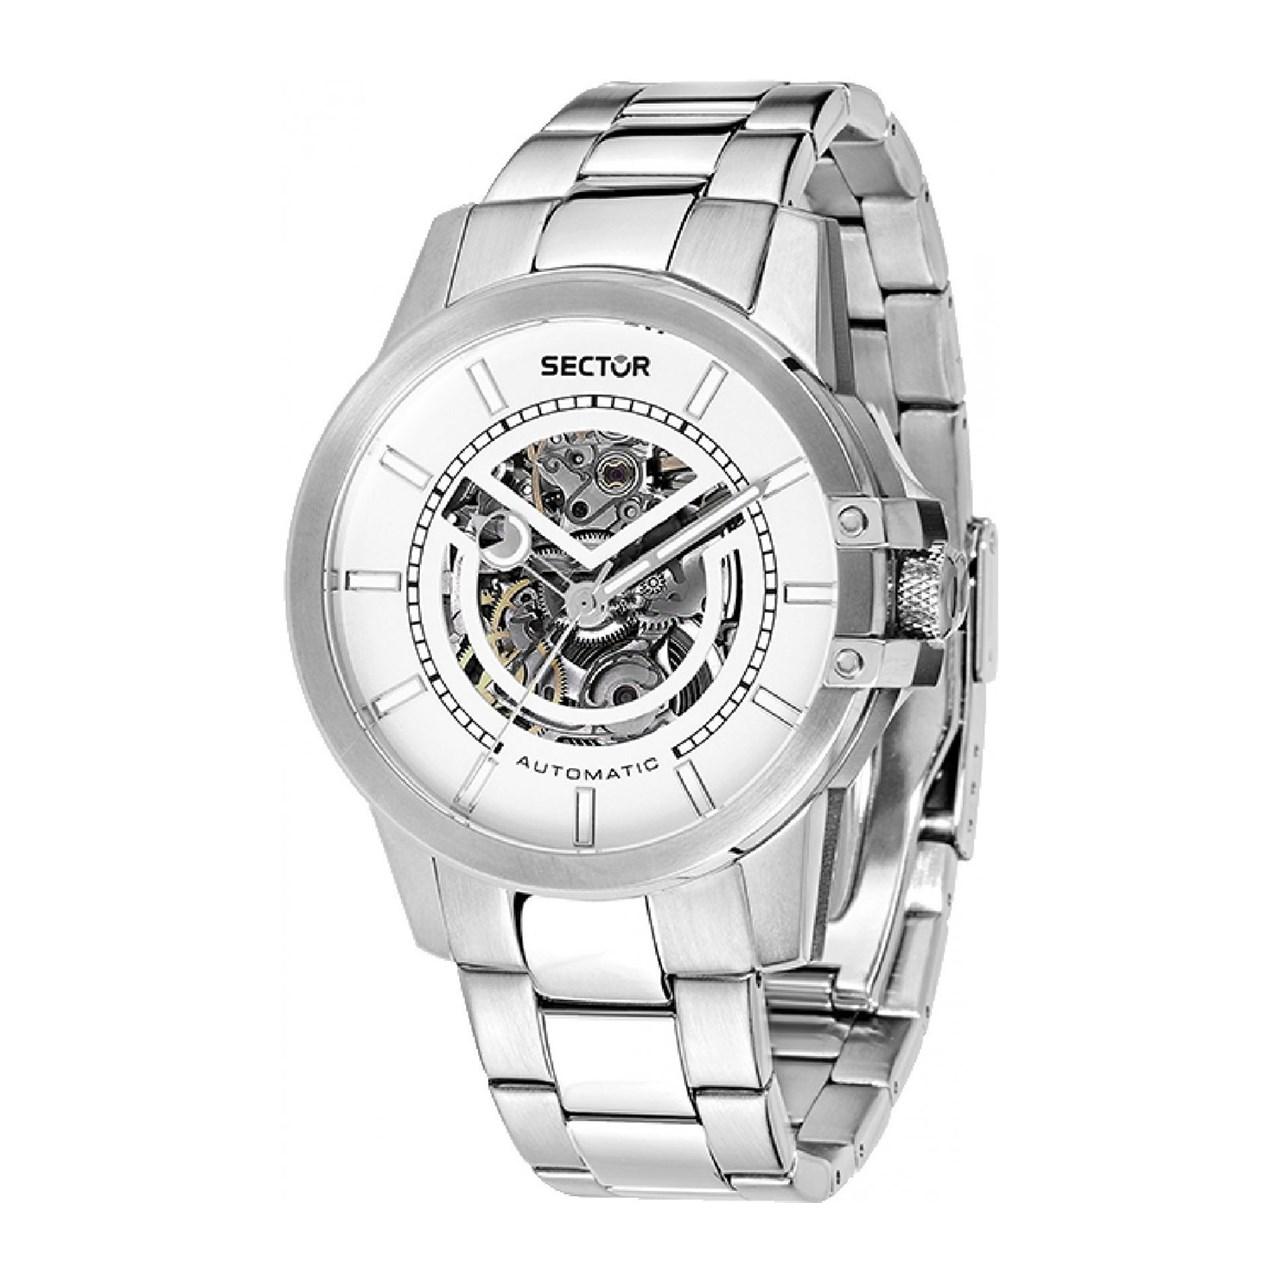 ساعت مچی عقربه ای مردانه  سکتور مدل 480-3223597001 55